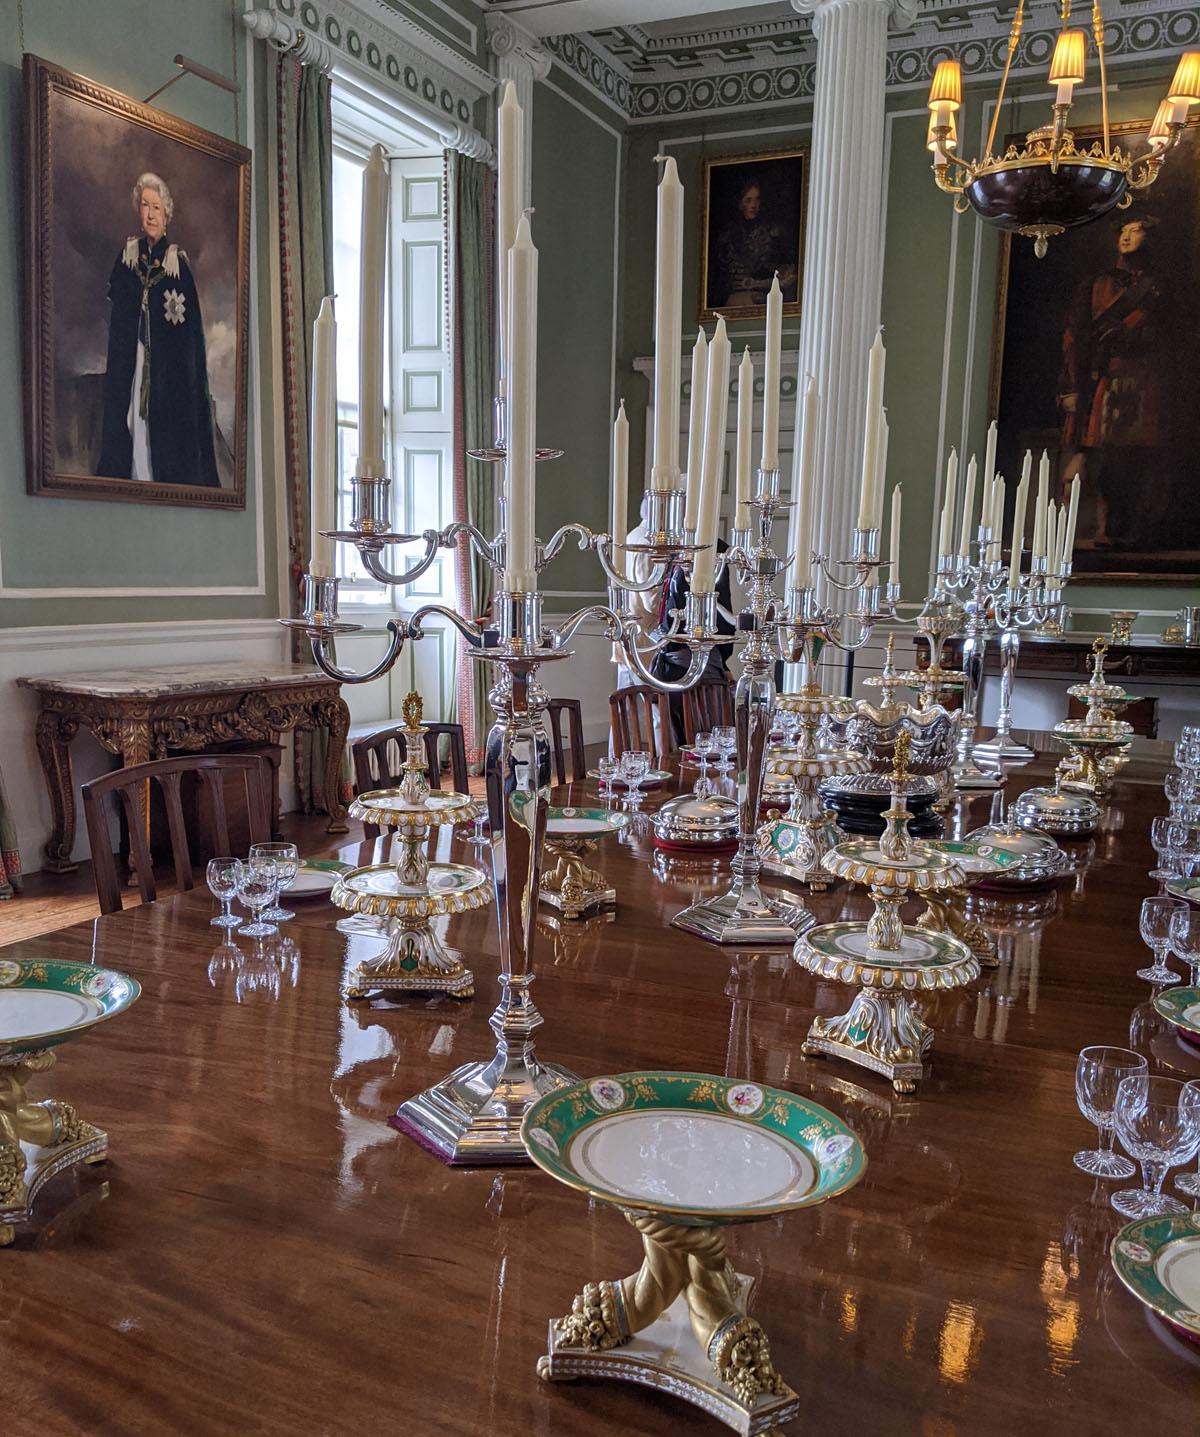 Banqueting Room Holyrood Palace